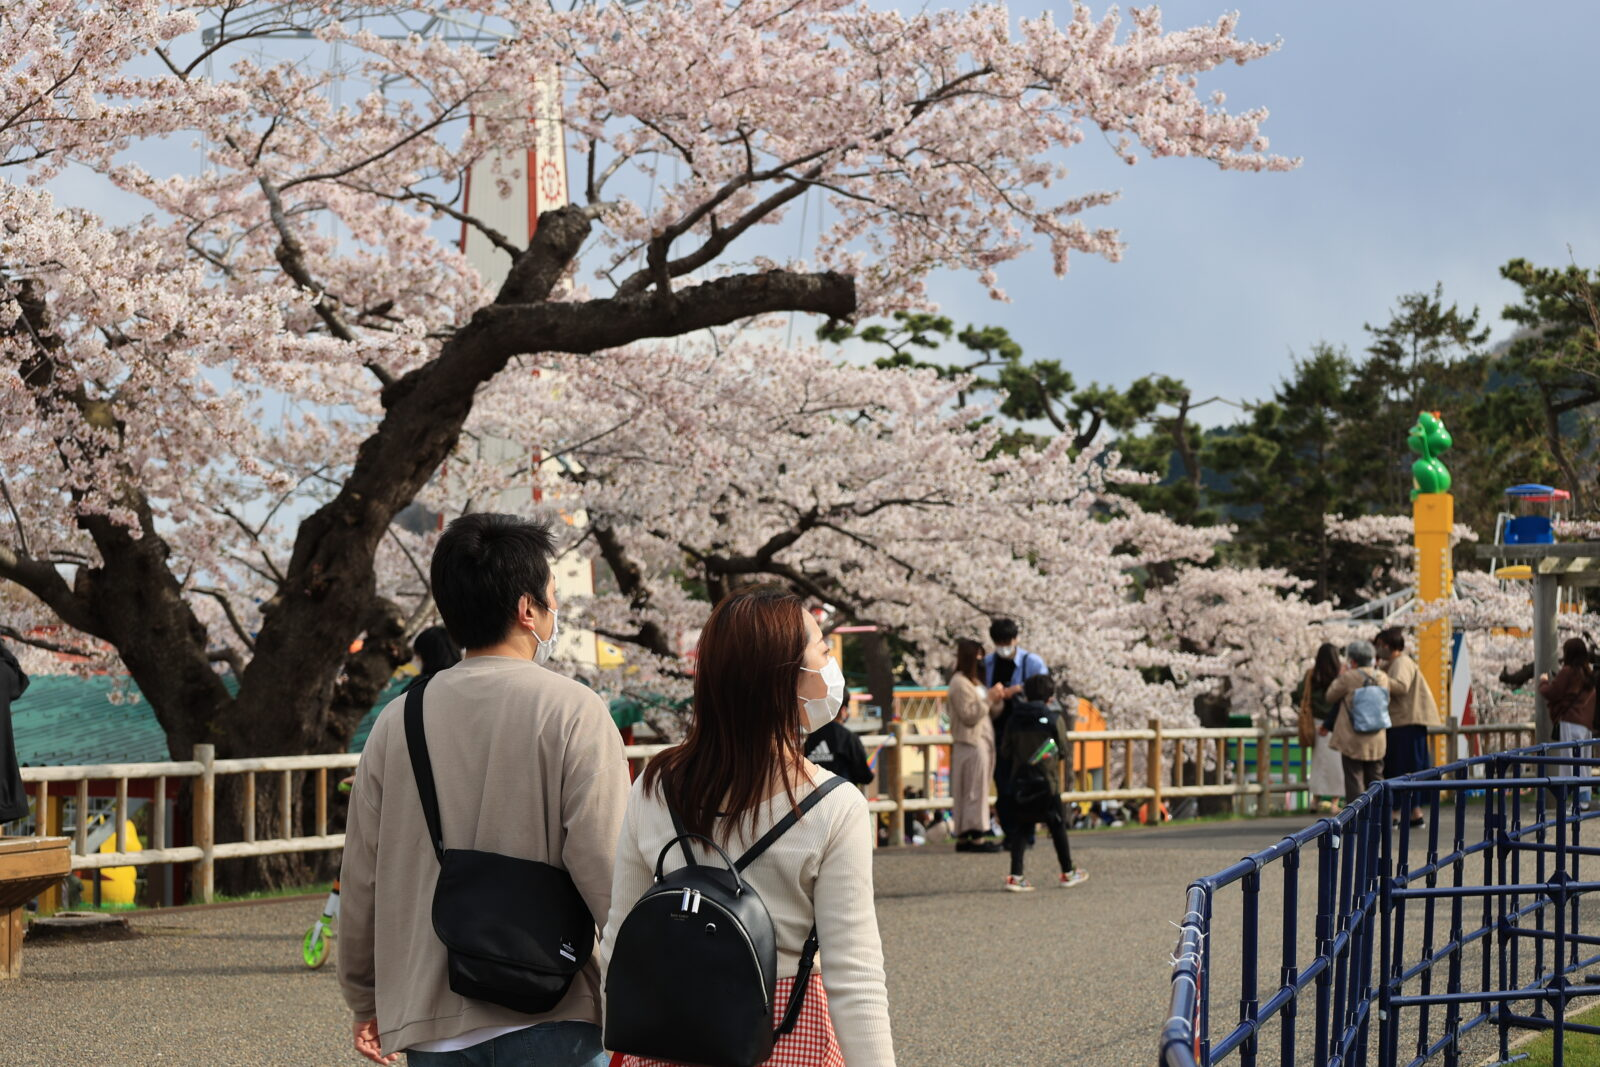 函館公園に咲く満開を楽しむカップルの姿